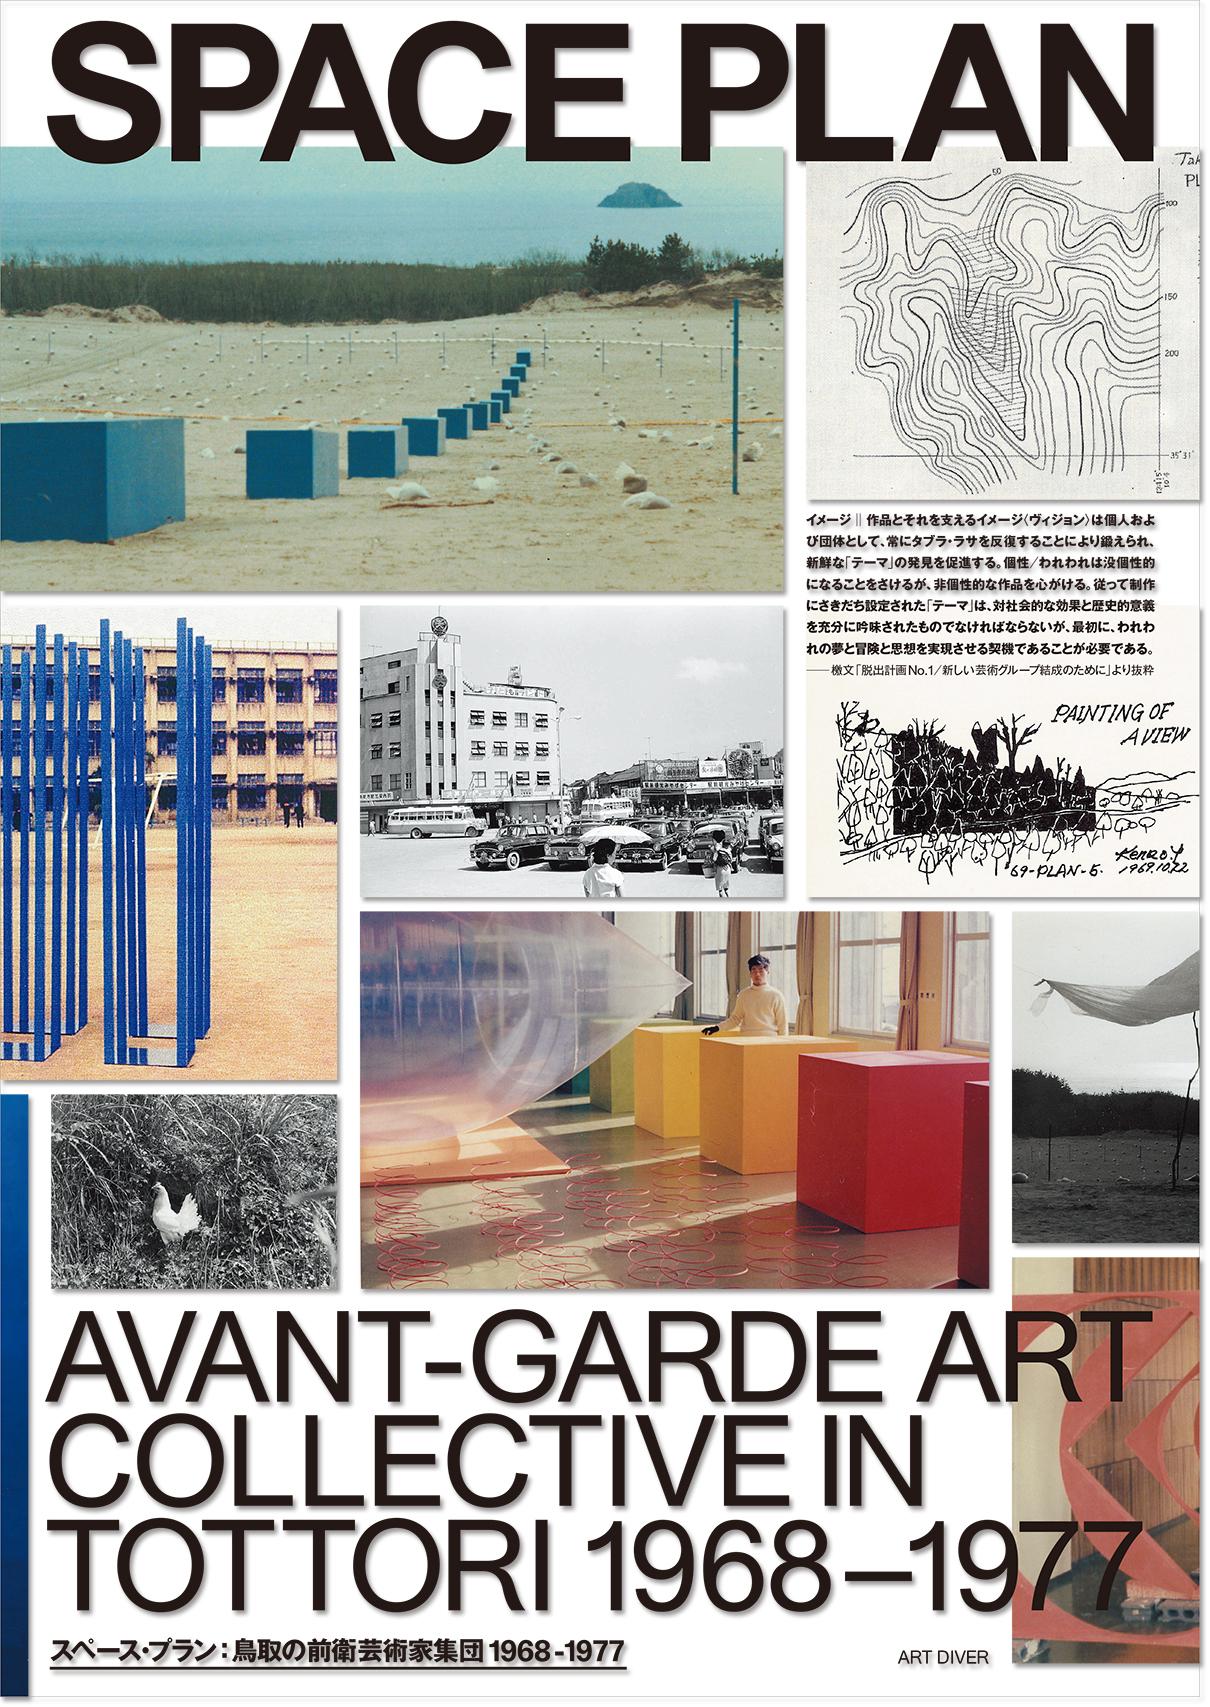 スペース・プラン 鳥取の前衛芸術家集団1968-1977